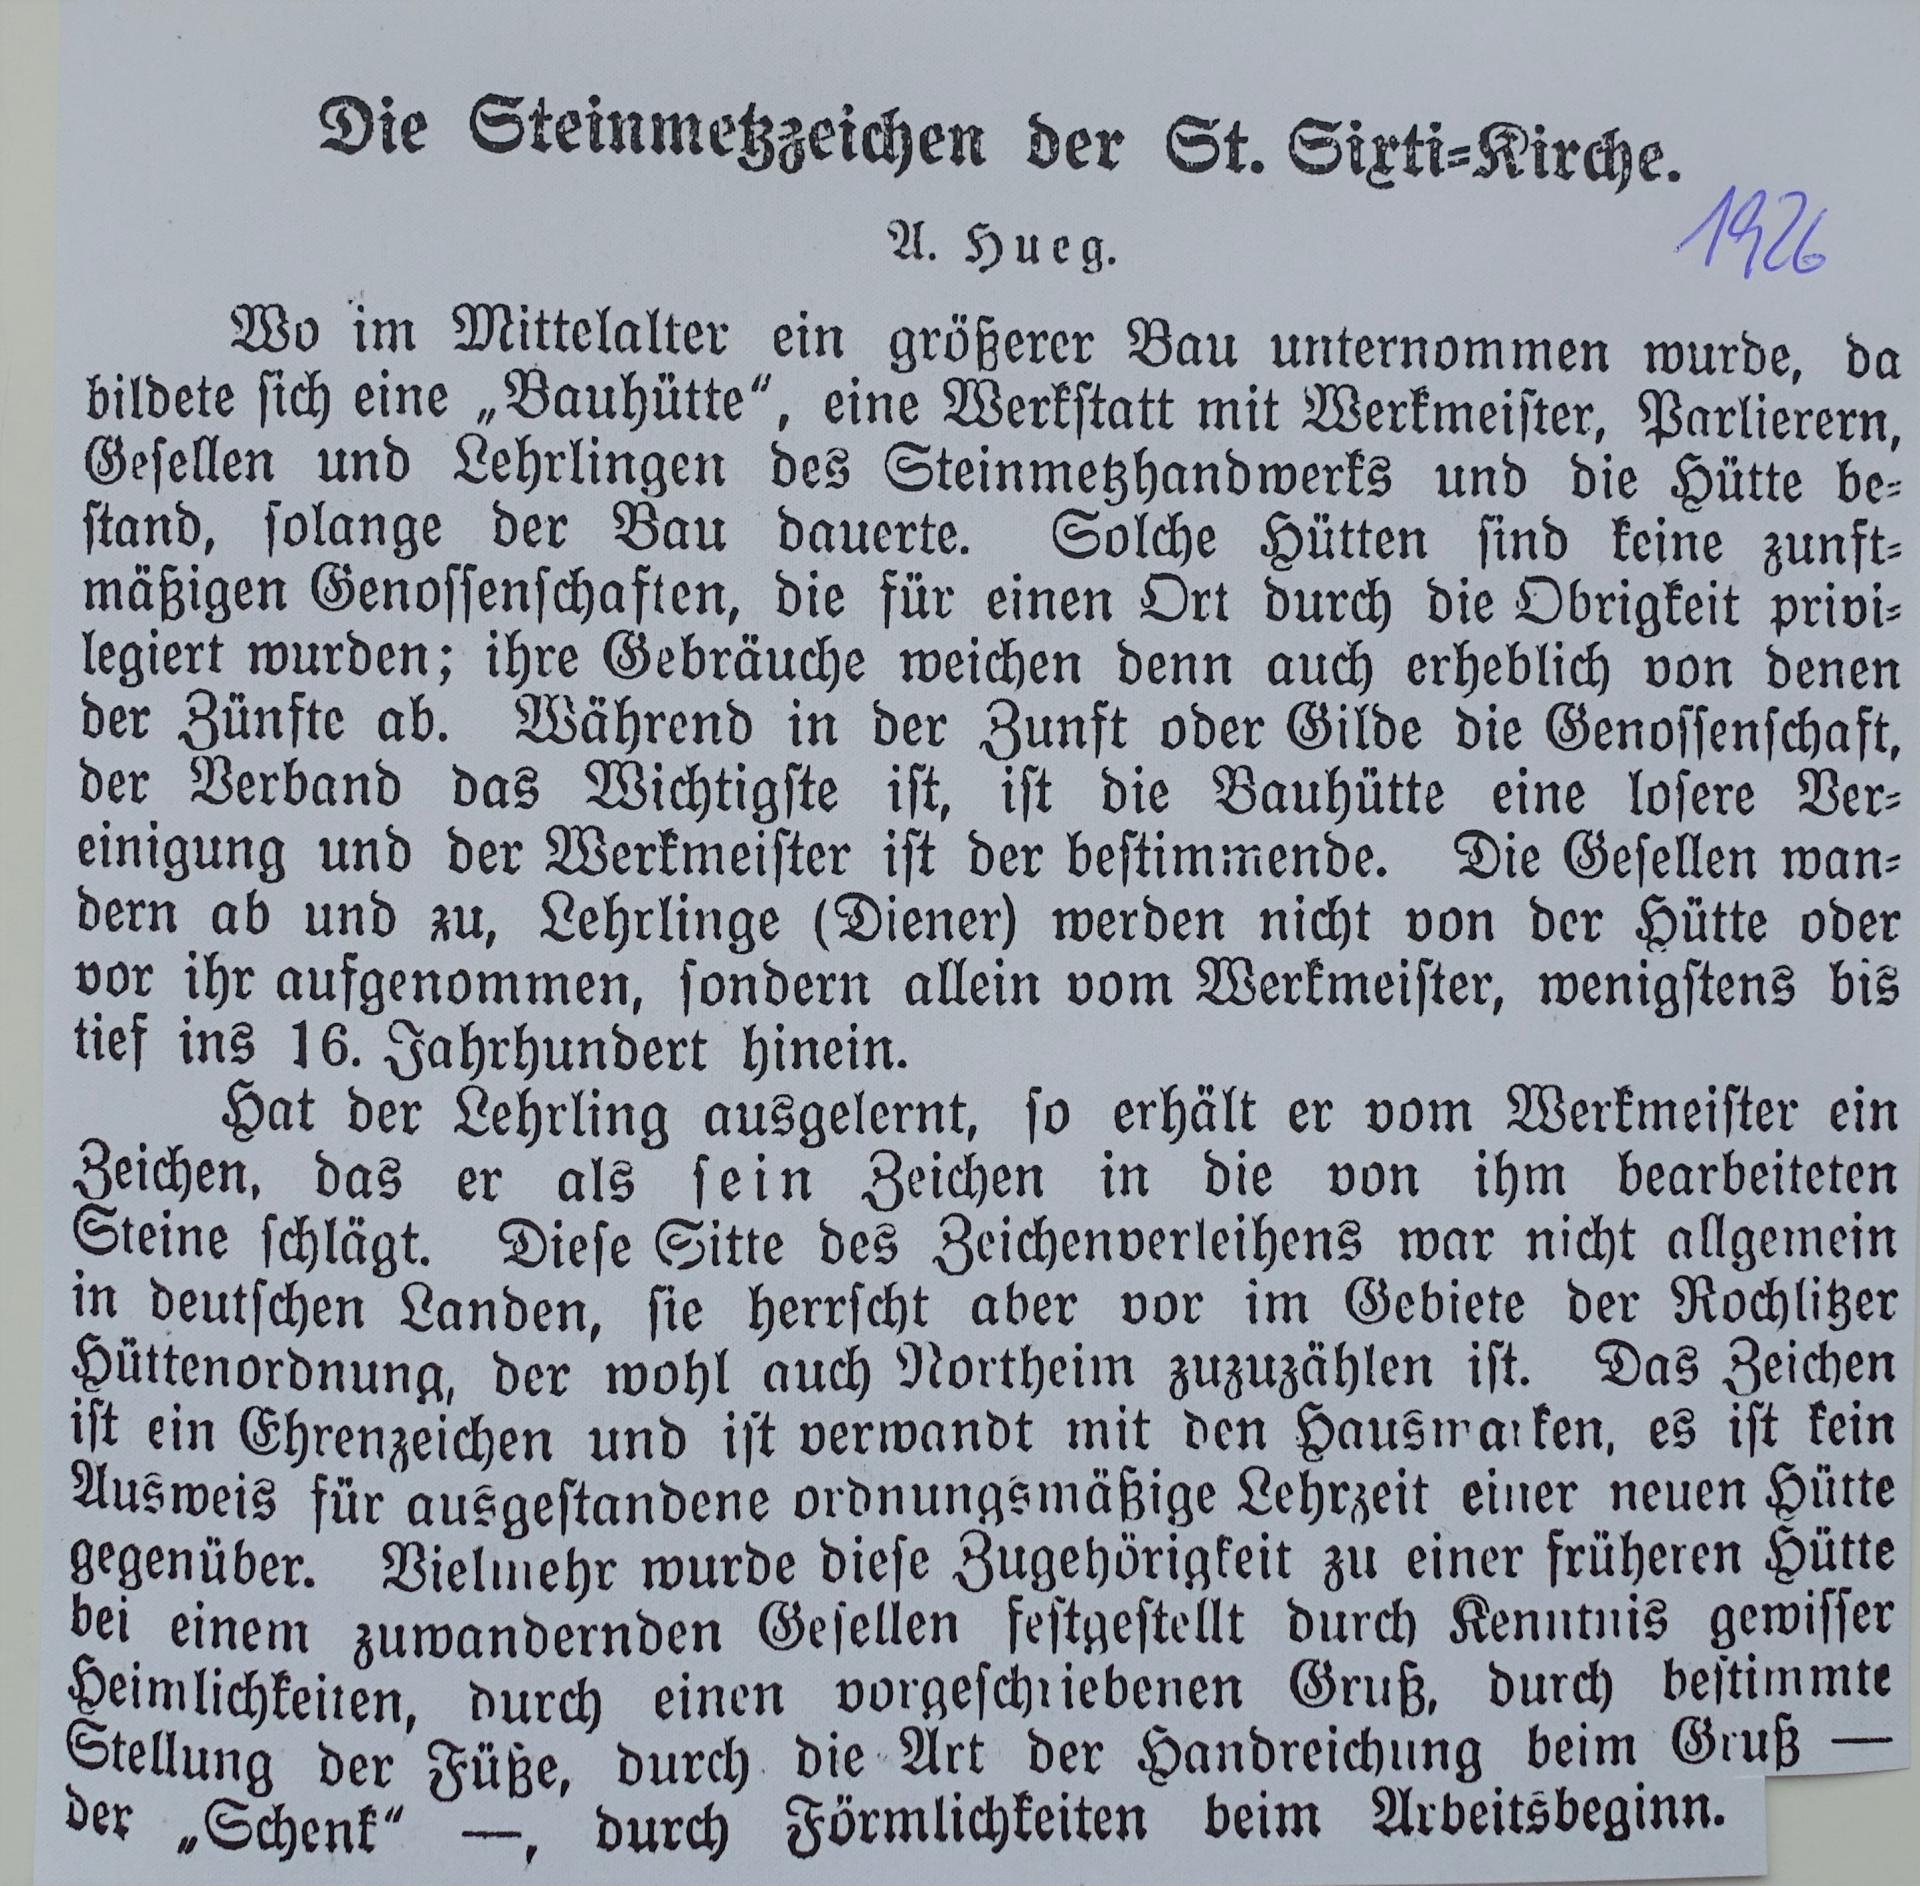 einen Ausschnitt von Alfred Hurg über die Steinmetzzeichen in St.Sixti aus dem Jahre 1926